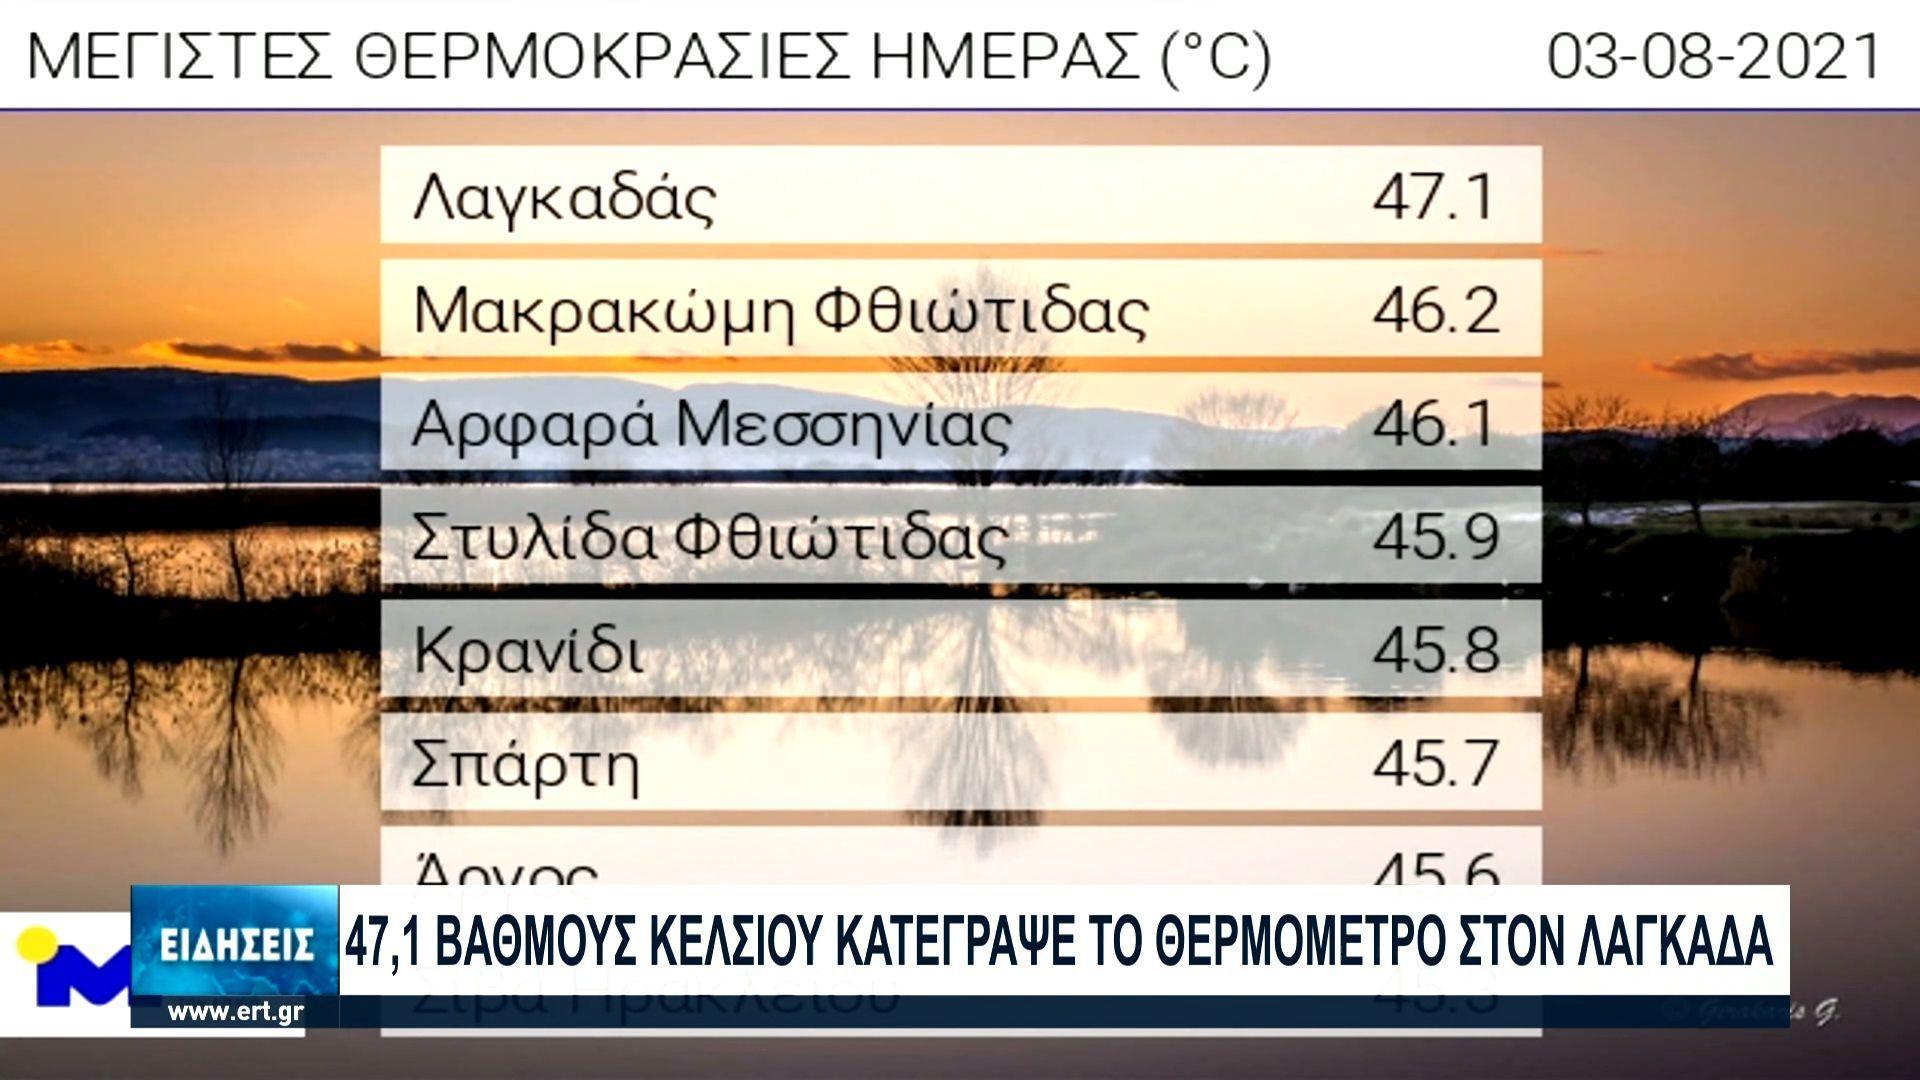 Συνεχίζεται ο καύσωνας σε όλη τη χώρα – 46,1 C (!) στο Αρφαρά… (video)